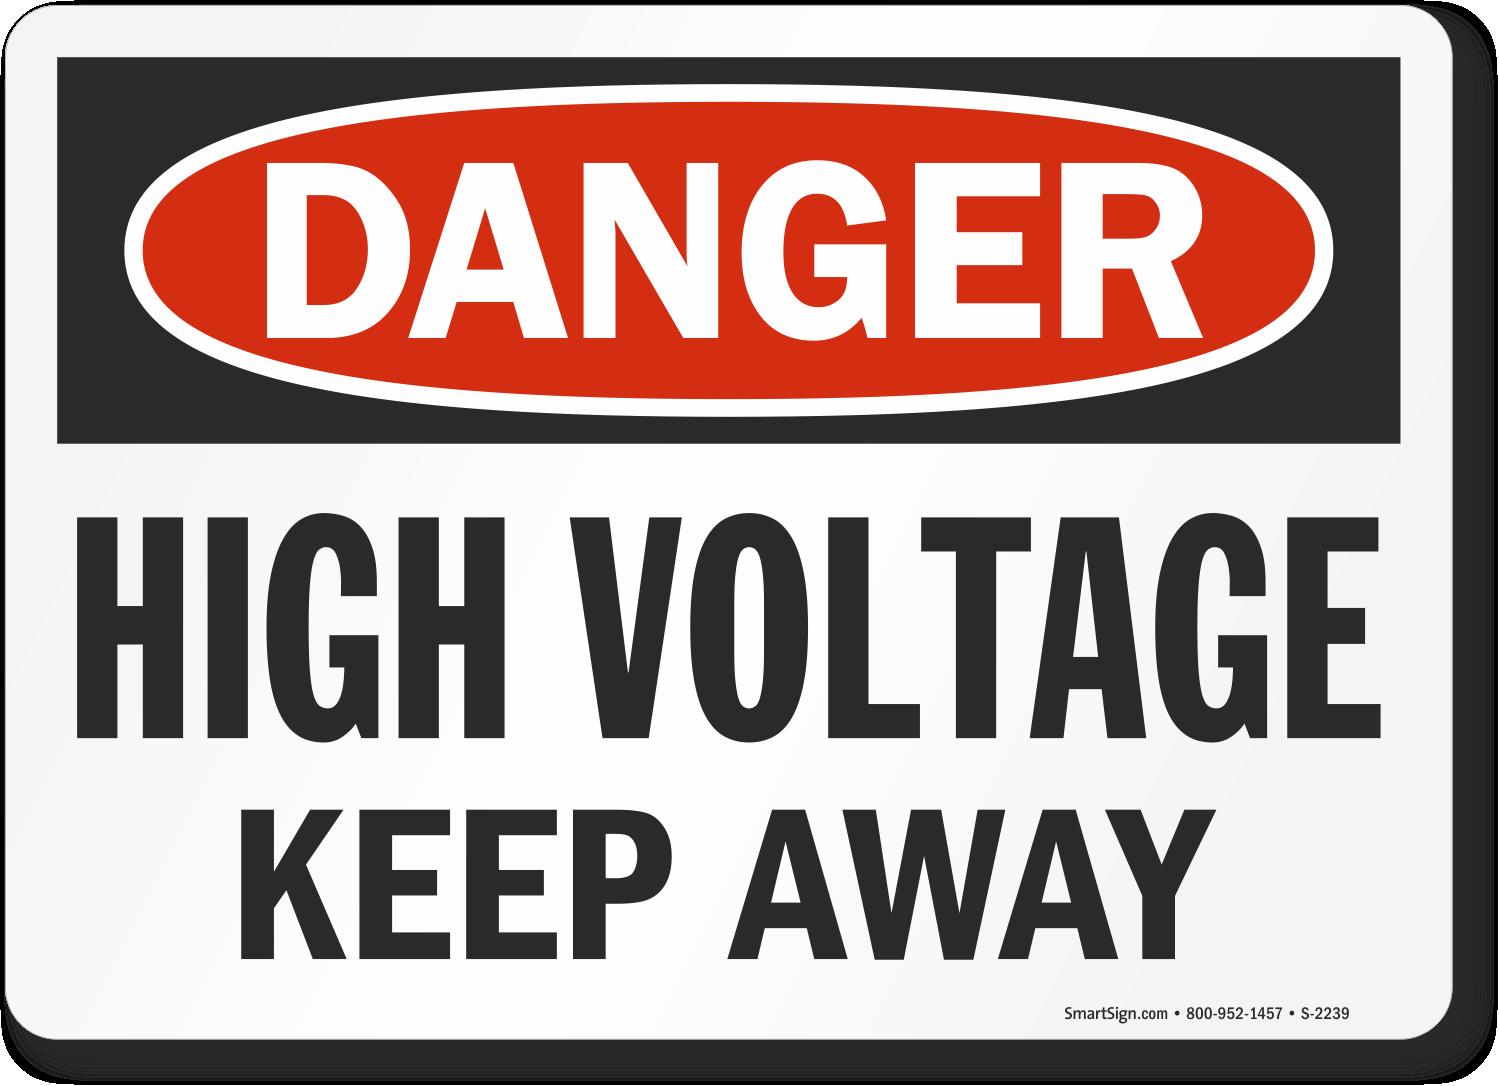 Danger Danger High Voltage